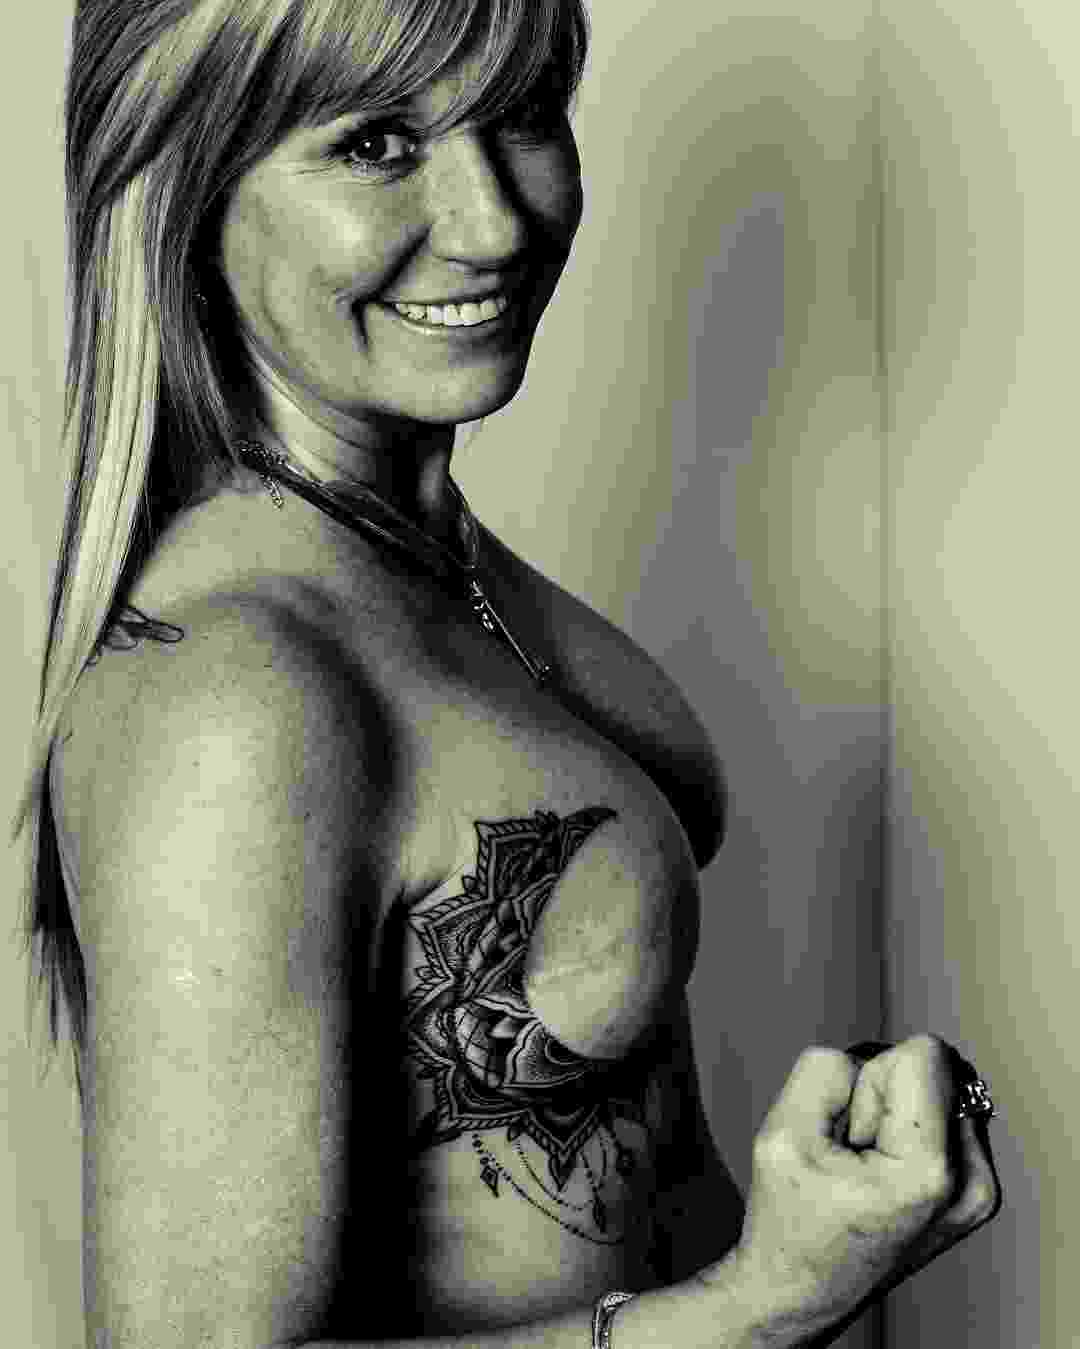 Projeto Personal Ink conecta vítimas de câncer de mama com tatuadores nos Estados Unidos - Reprodução/ Instagram @personal.ink